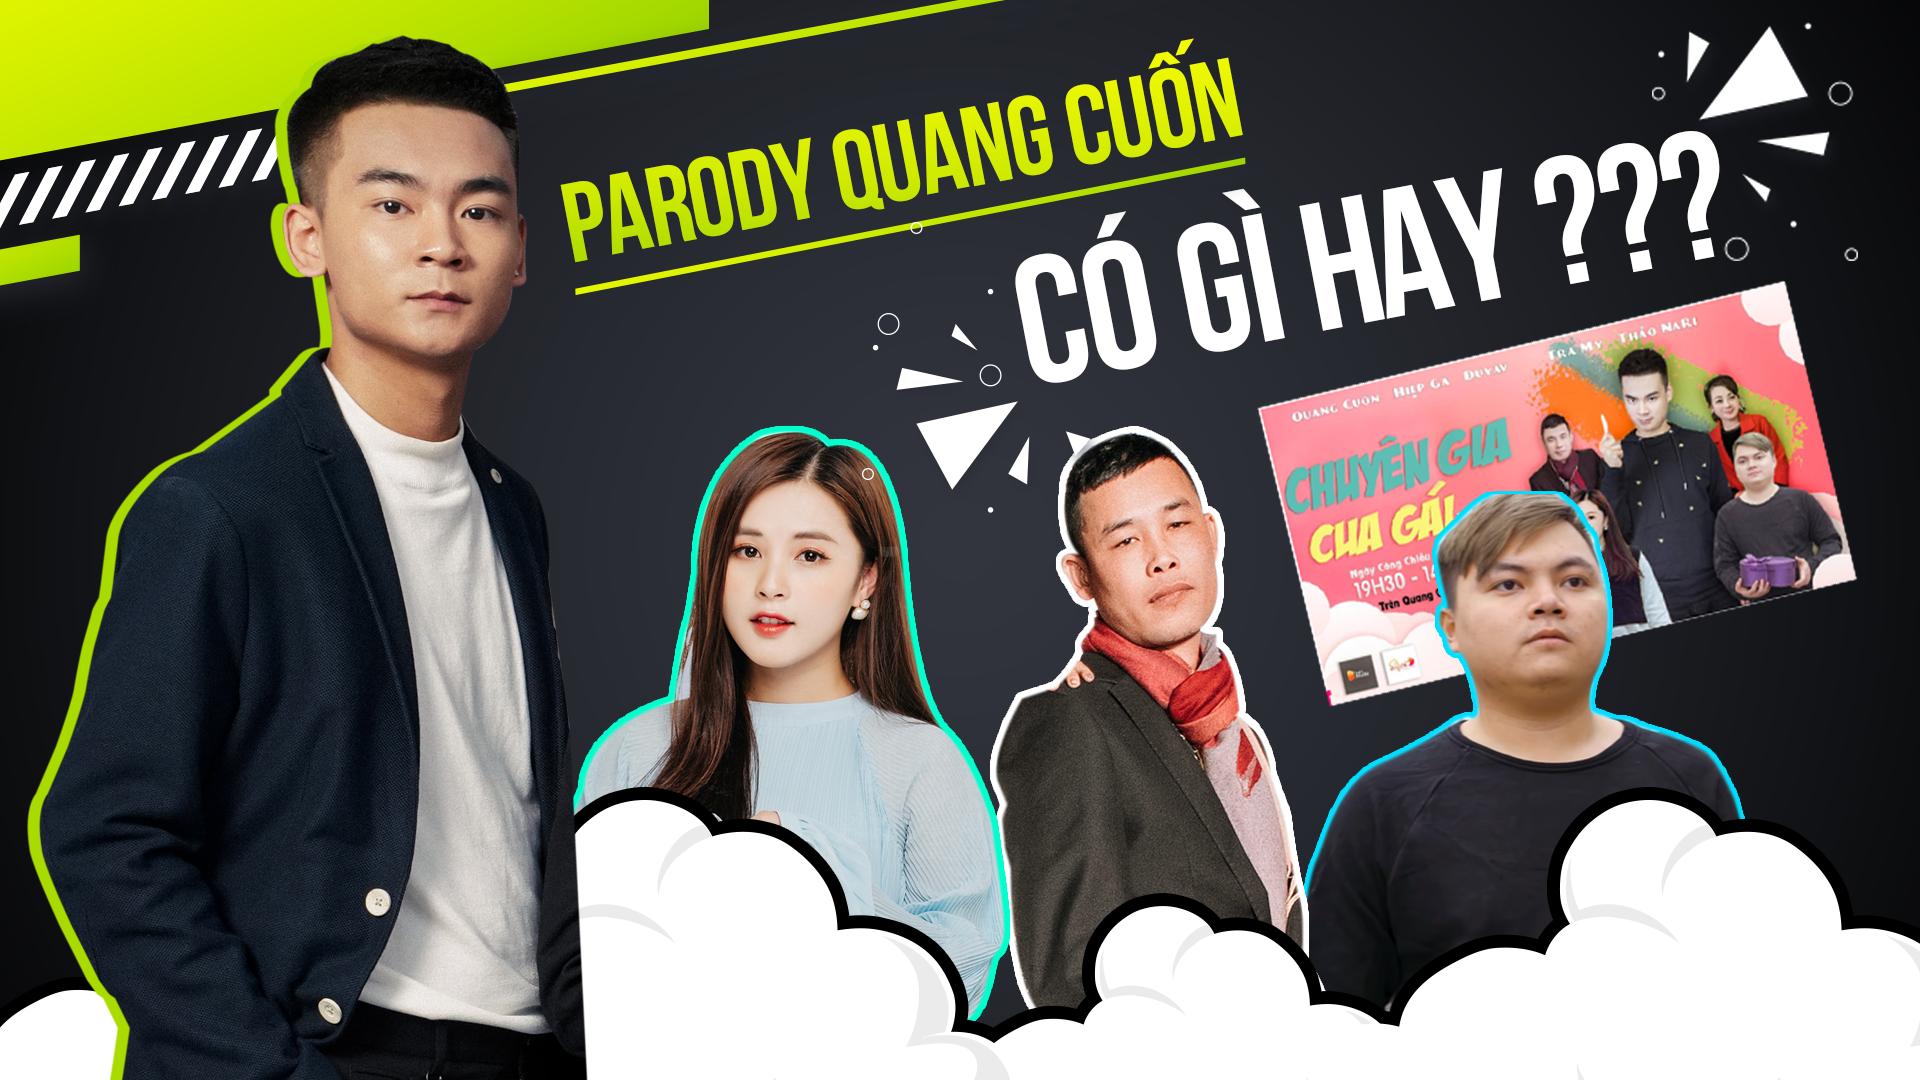 Lần đầu cất giọng, Quang Cuốn đã thu về nửa triệu views cho MV nhạc chế